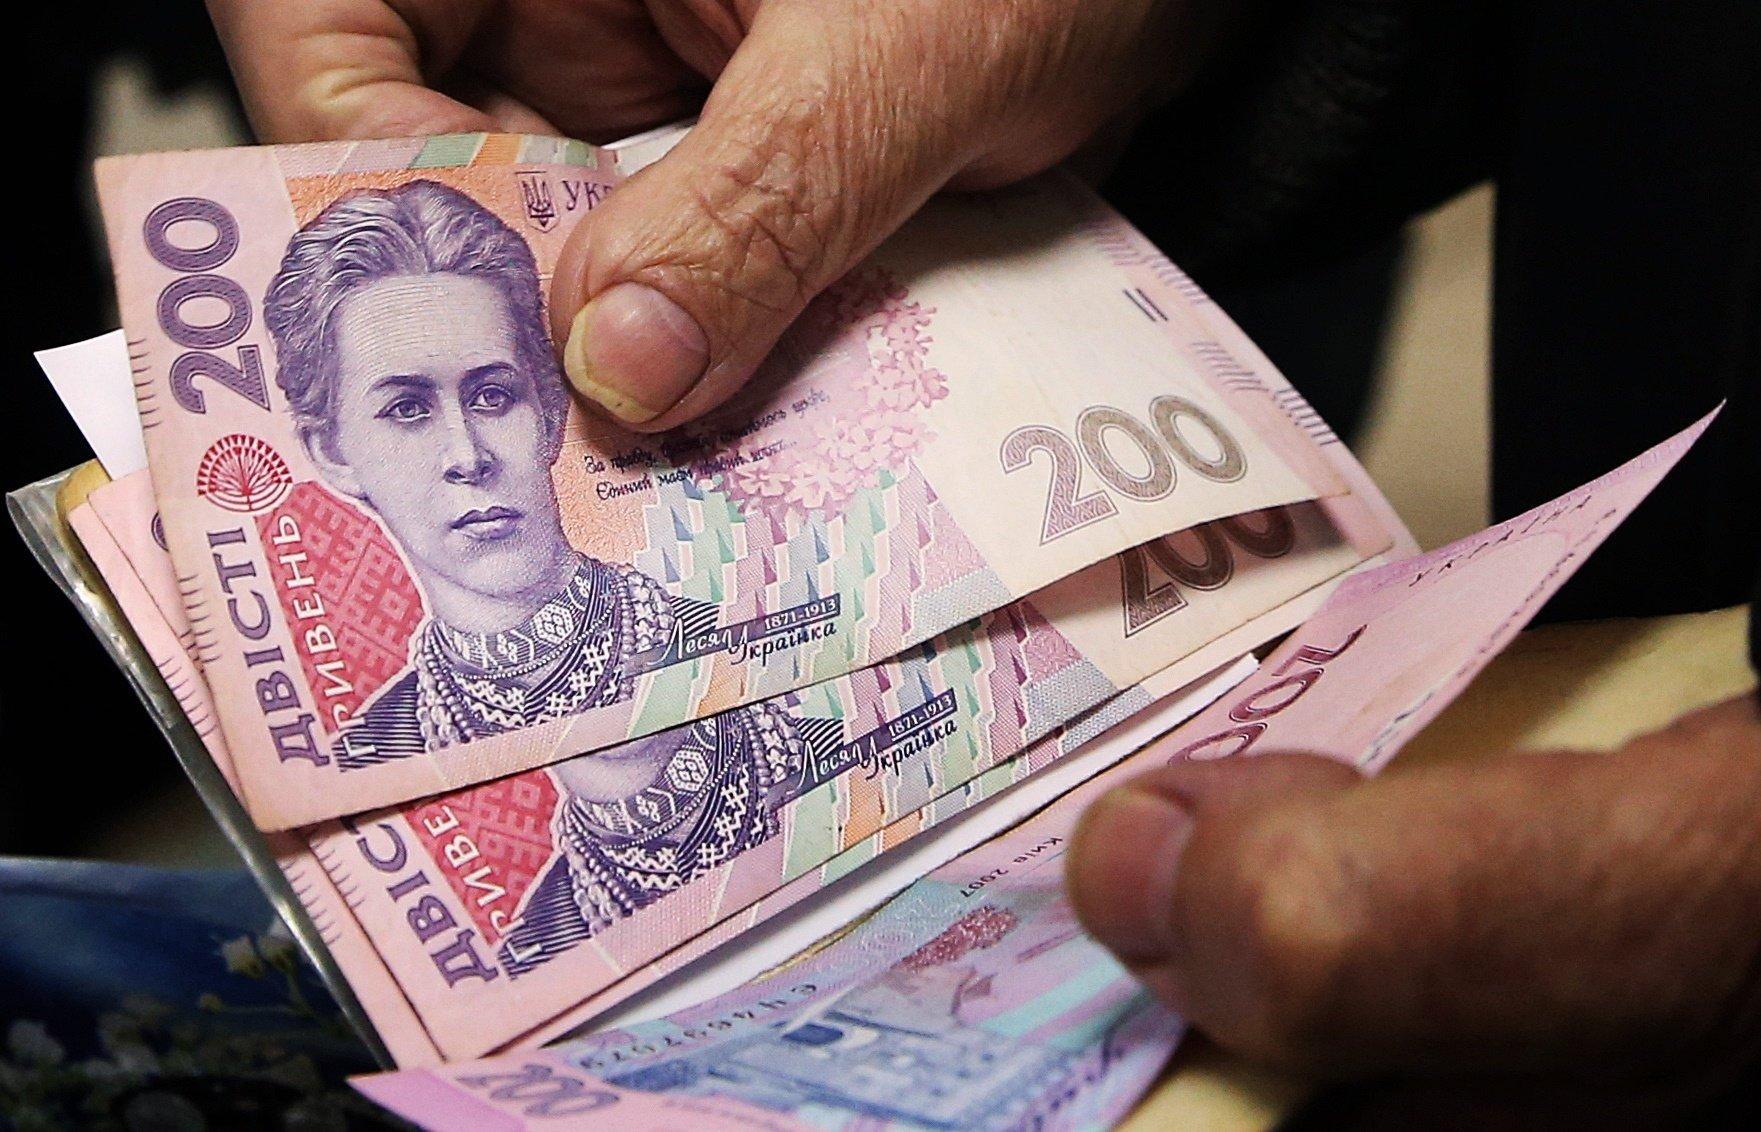 Кабмин отменил социальные выплаты на детей и направил деньги на другие госпрограммы